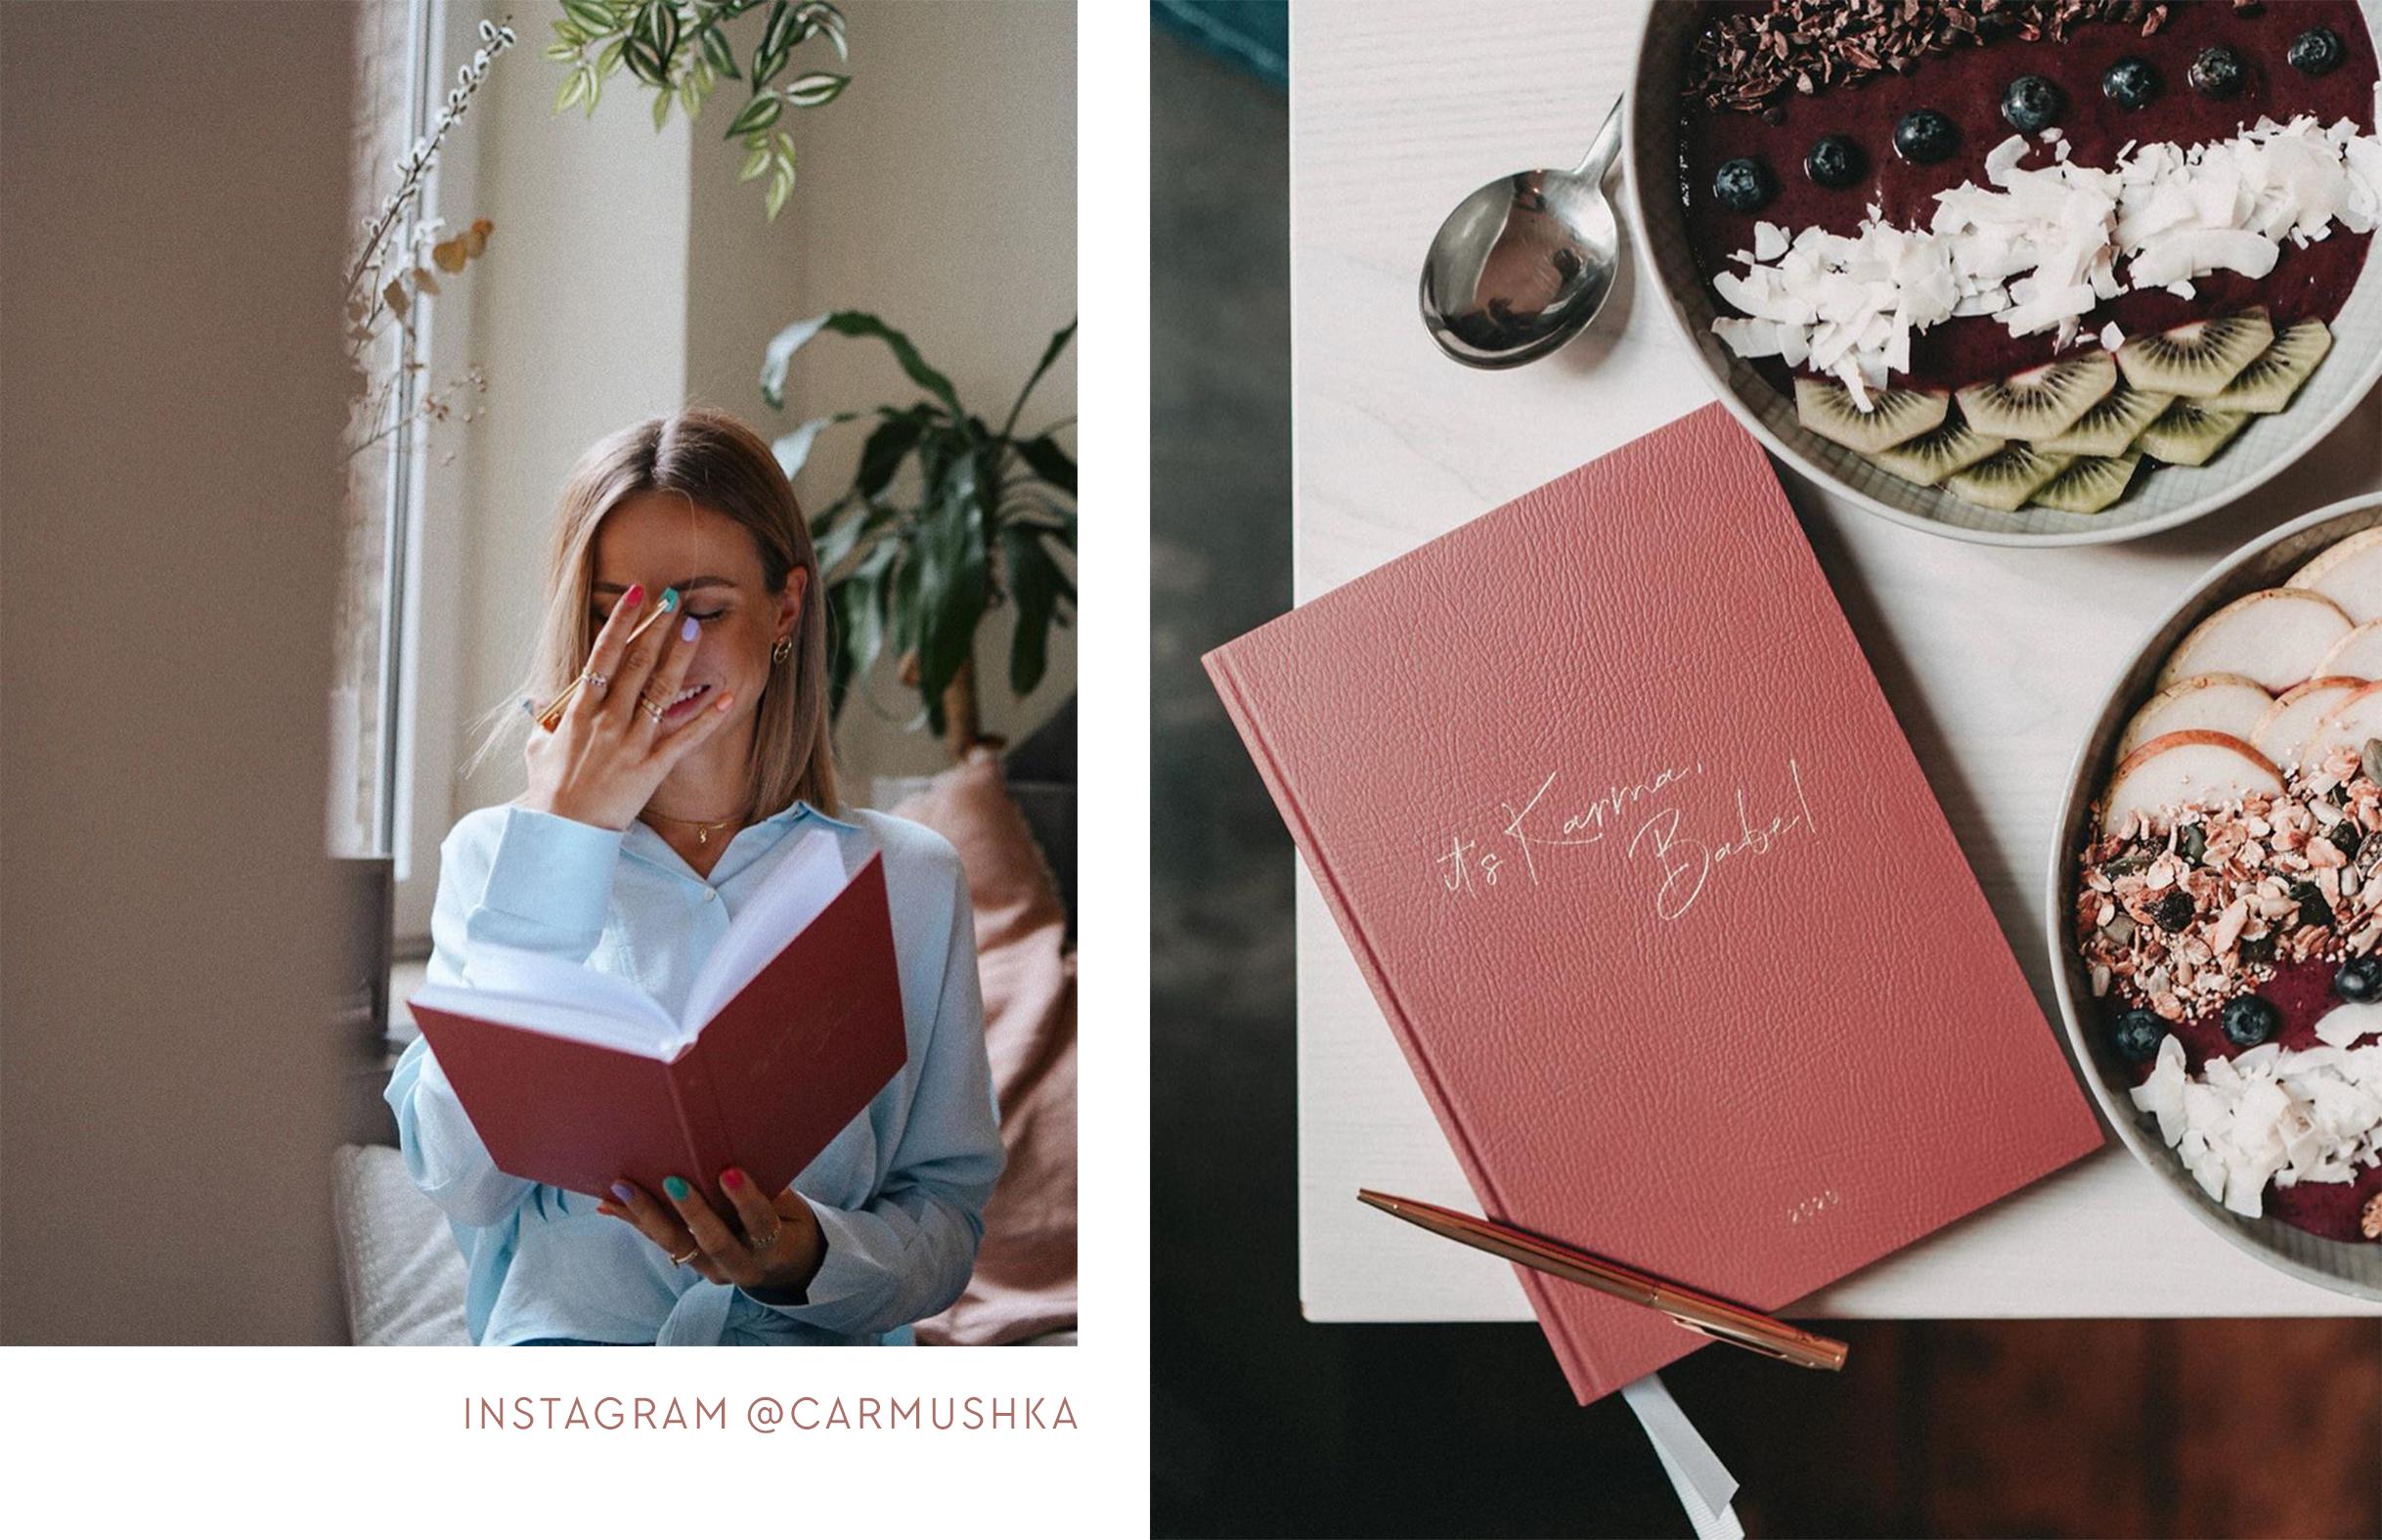 JO_and_JUDY_Carmushka_Calendar_Story_6